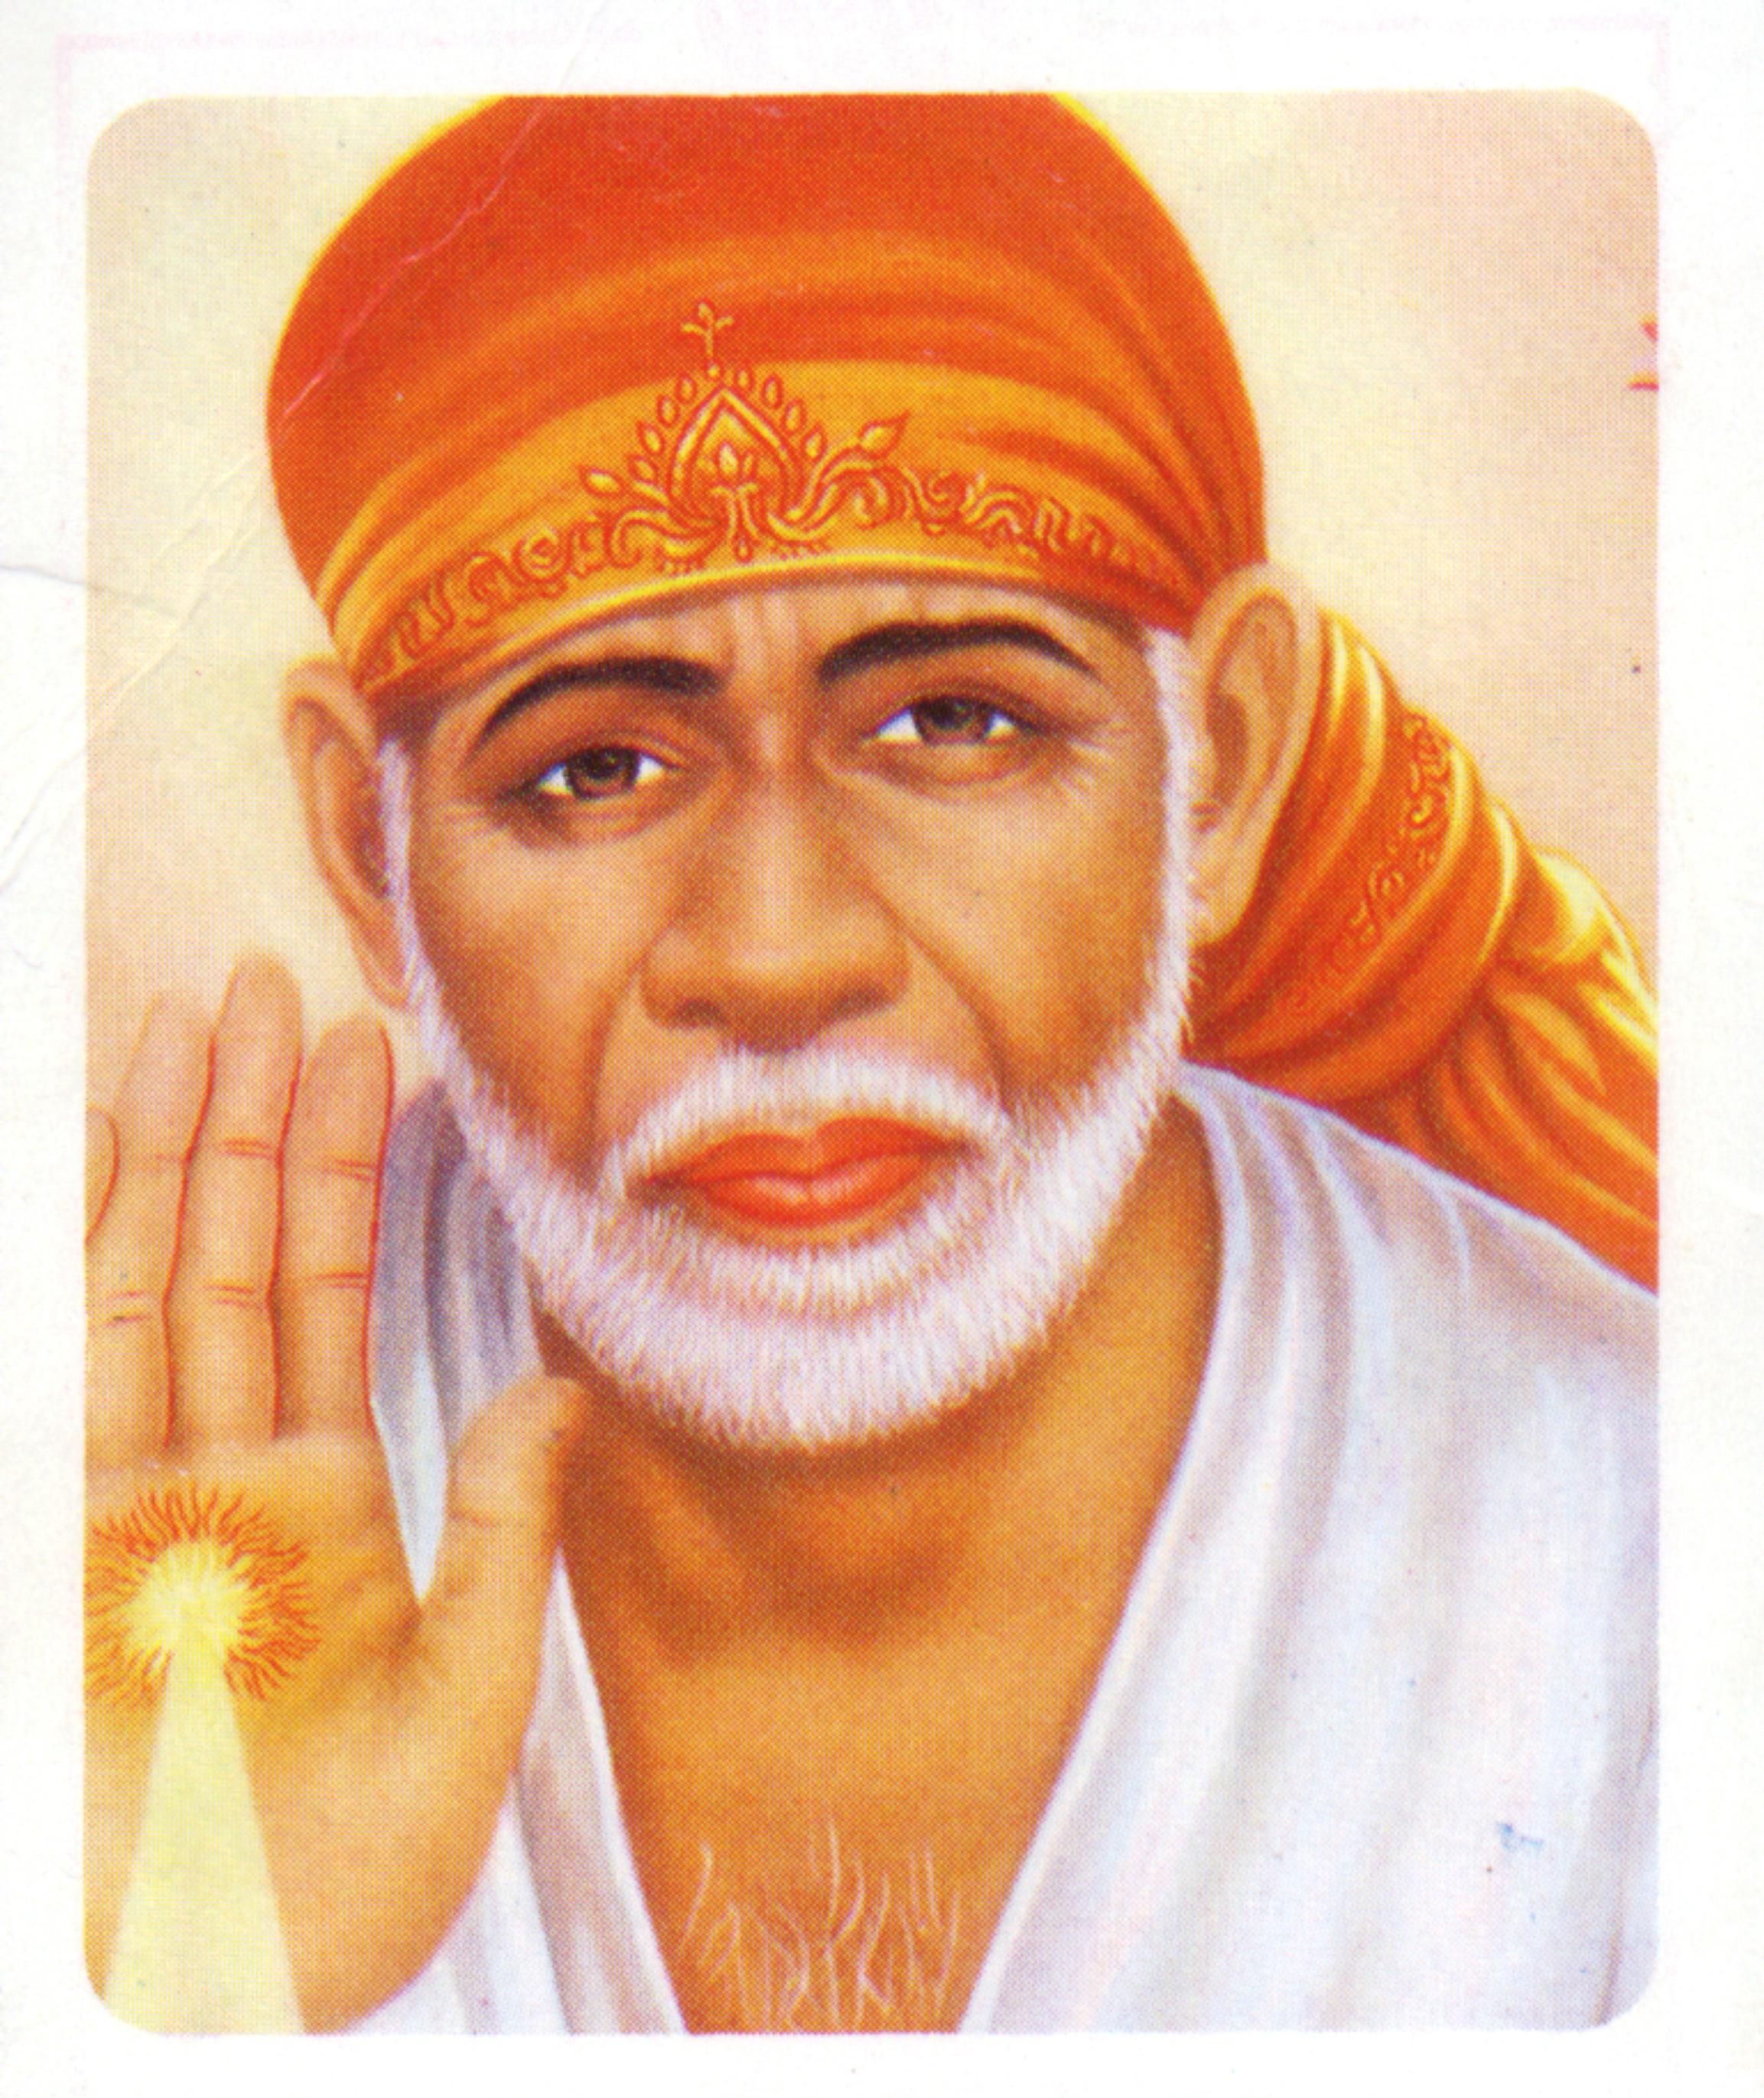 Shri Sai Baba Picture Gallery